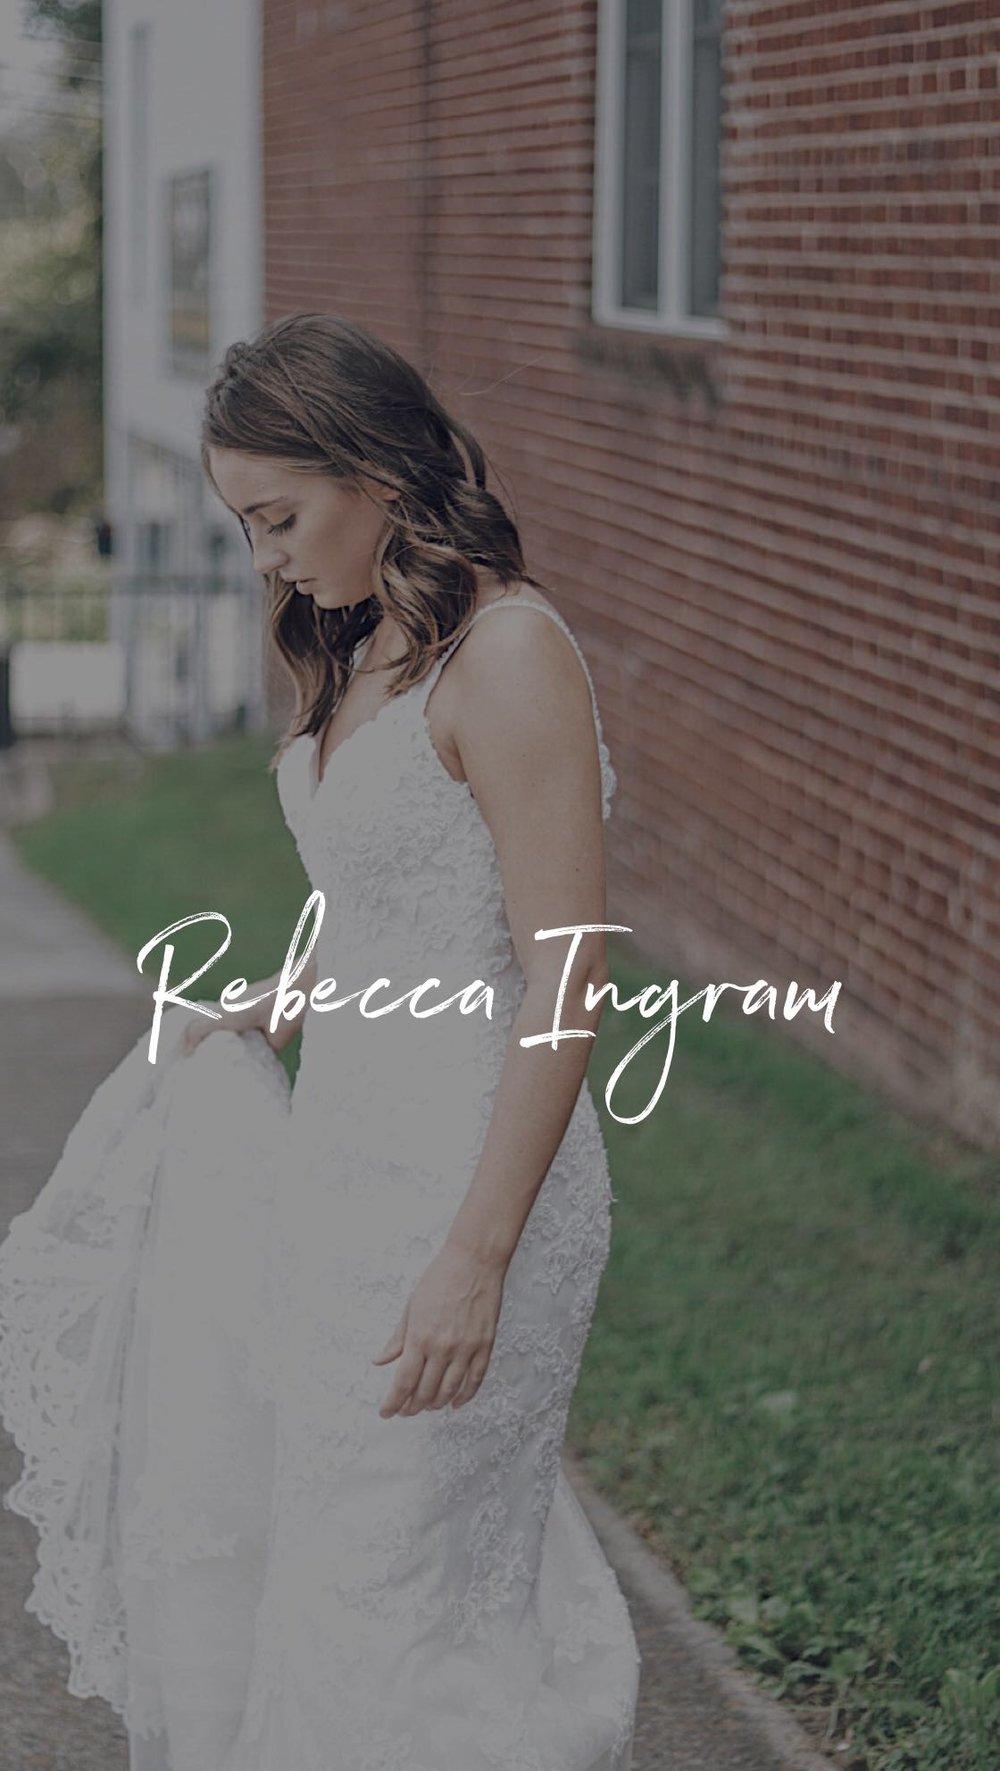 rebecca ingram website.JPG